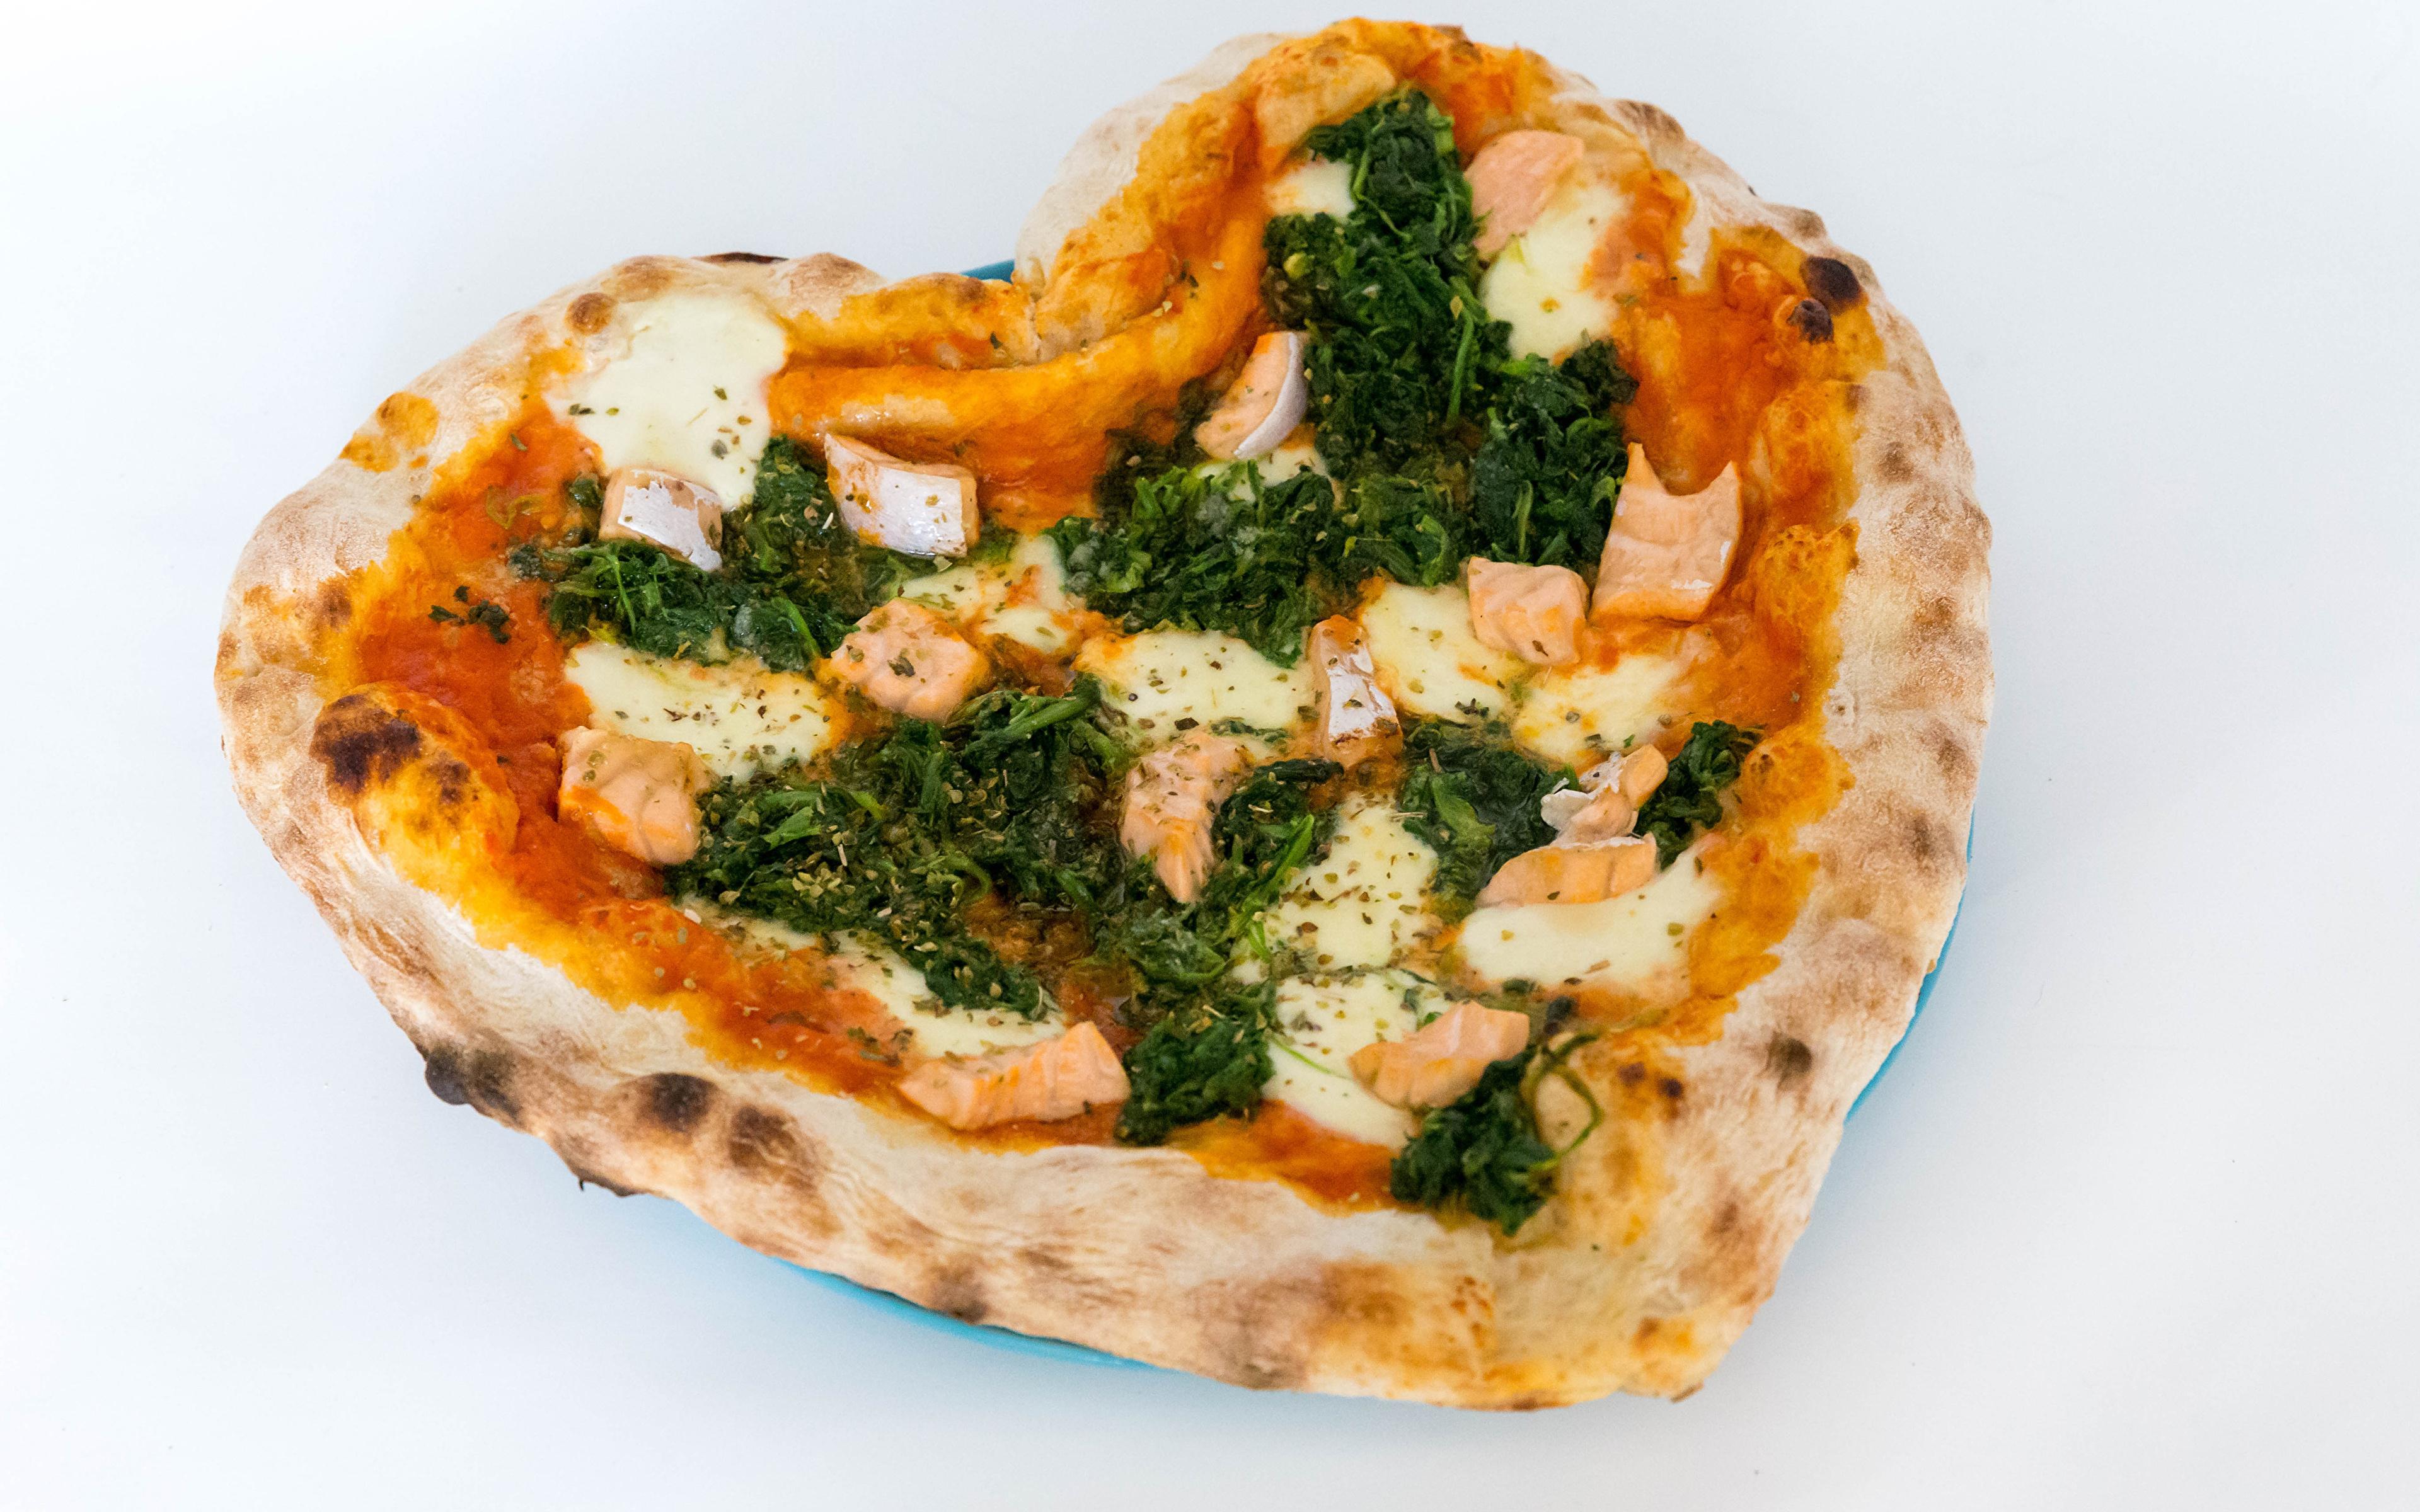 Картинки Сердце Пицца Быстрое питание Пища Серый фон 3840x2400 серце сердца сердечко Фастфуд Еда Продукты питания сером фоне